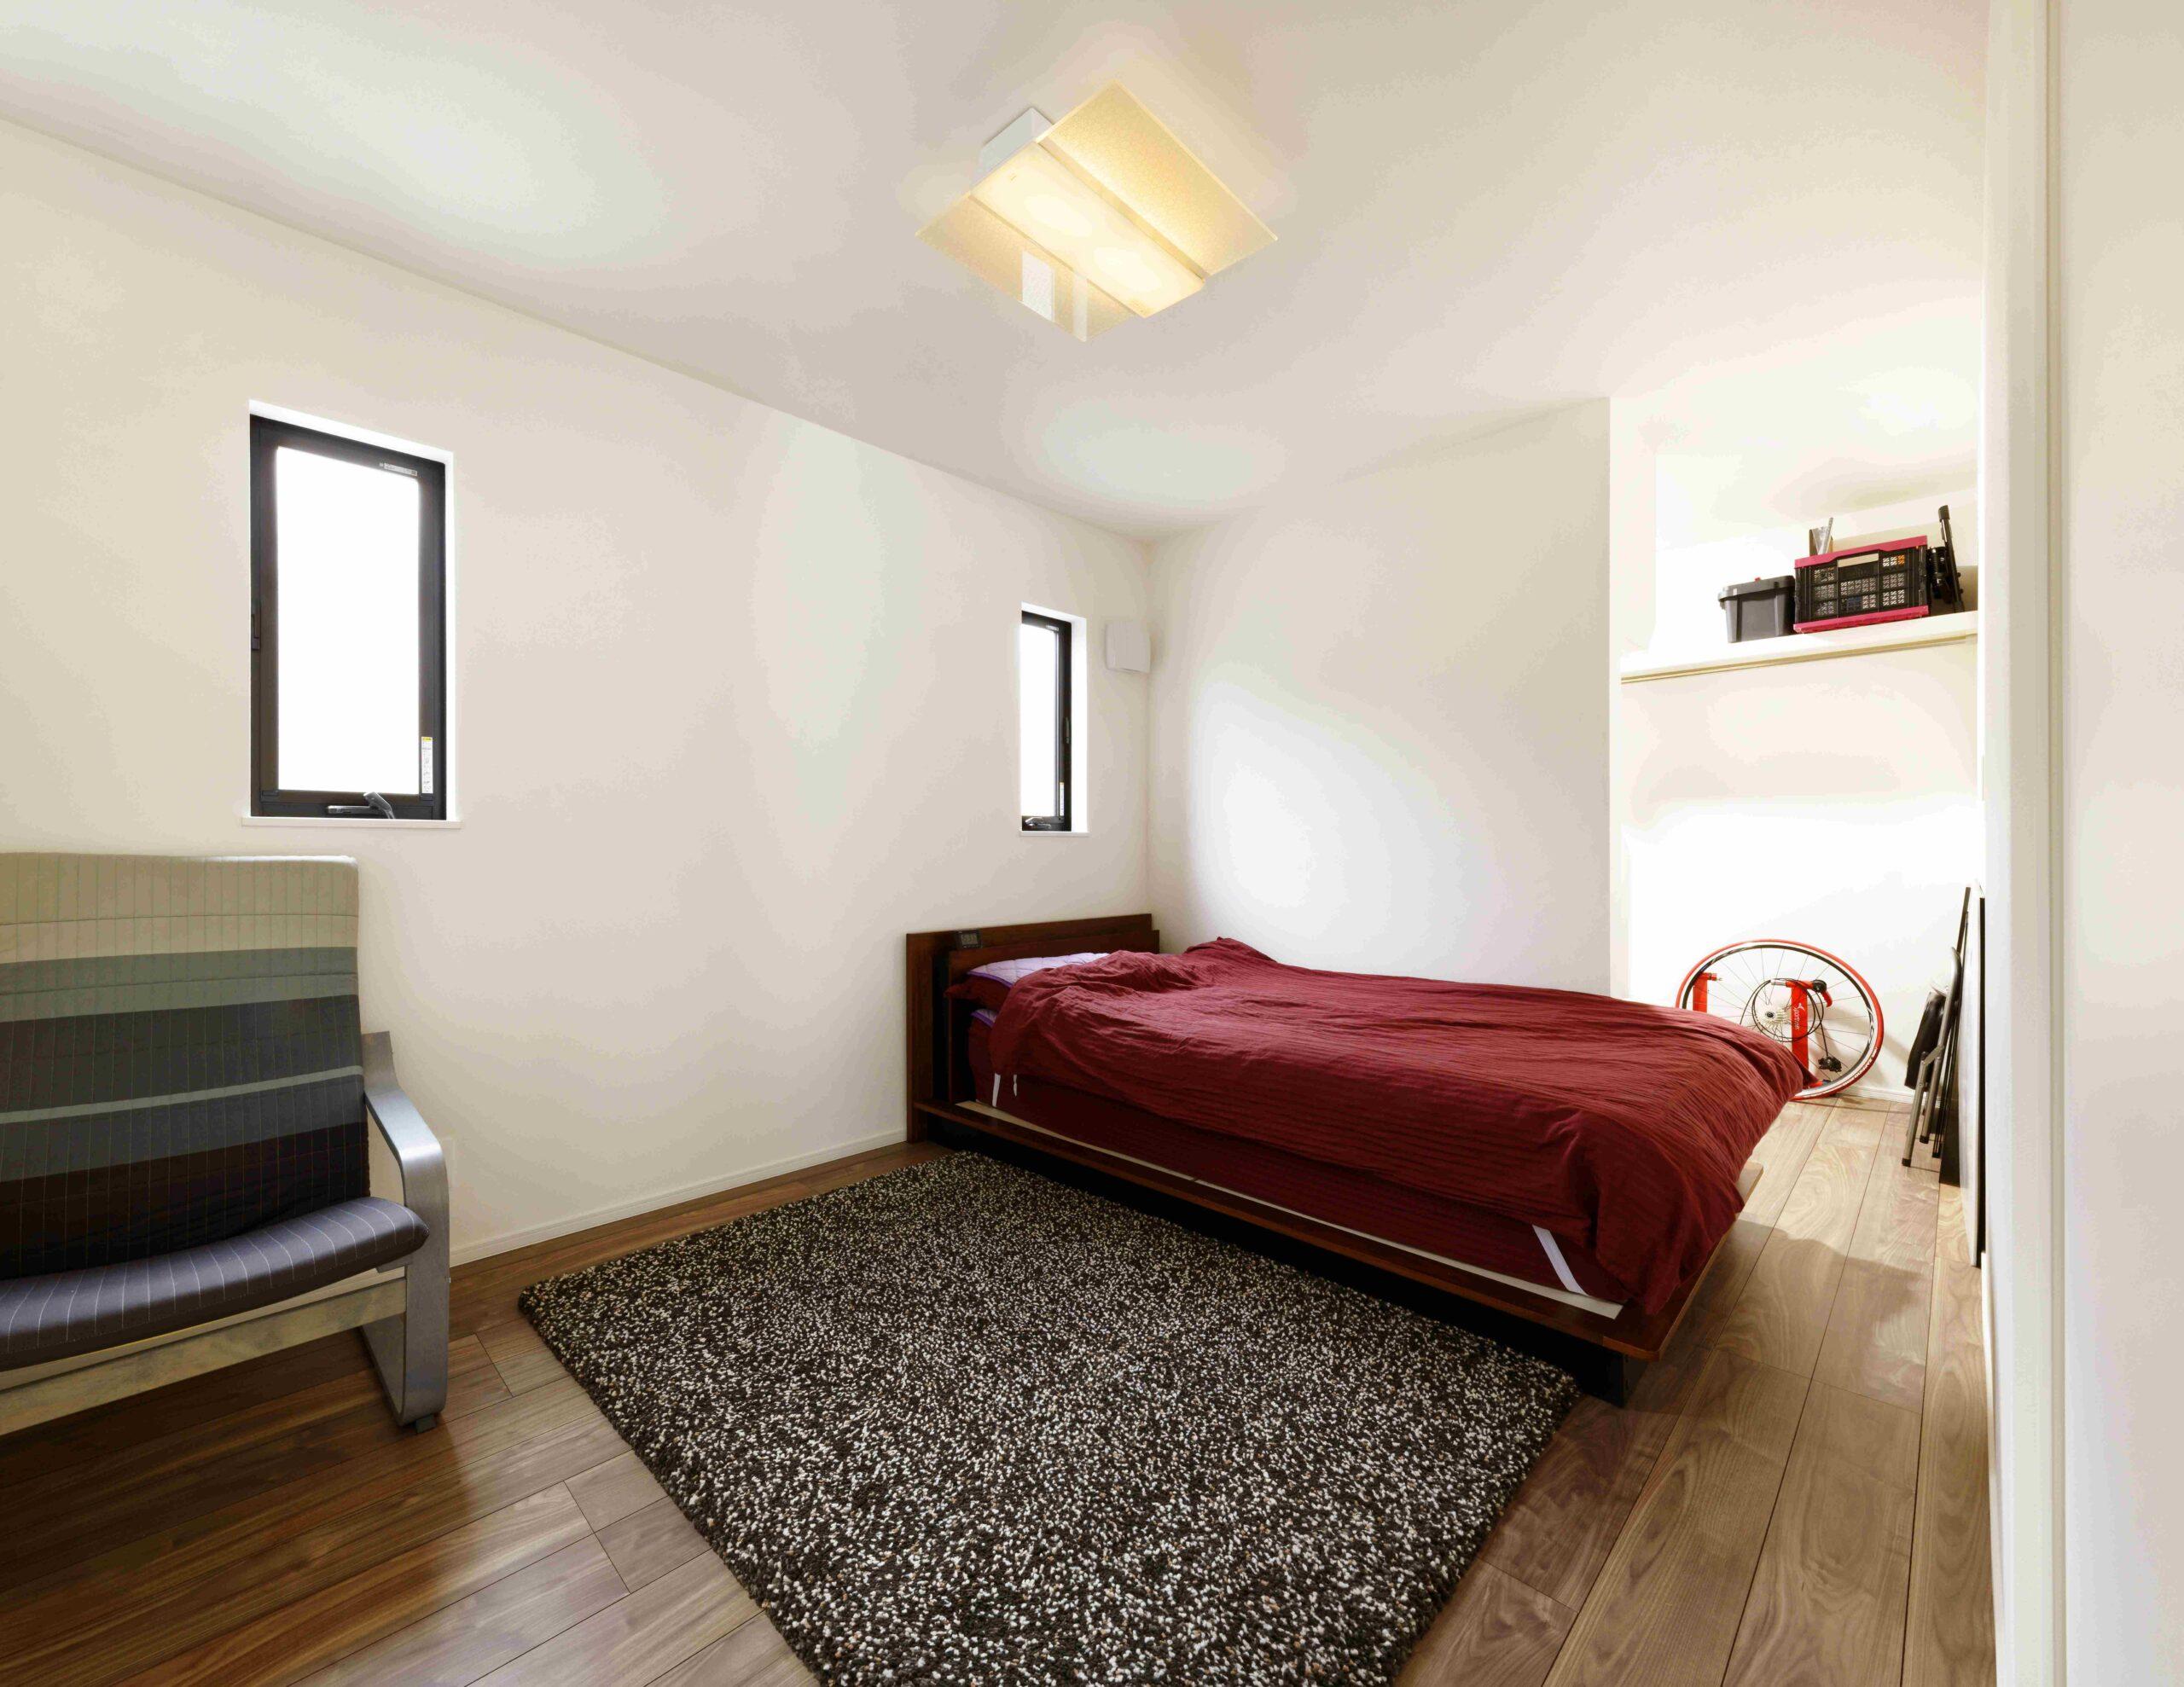 主寝室。WICに扉はないが、正面からは見えないのでスッキリとしている。